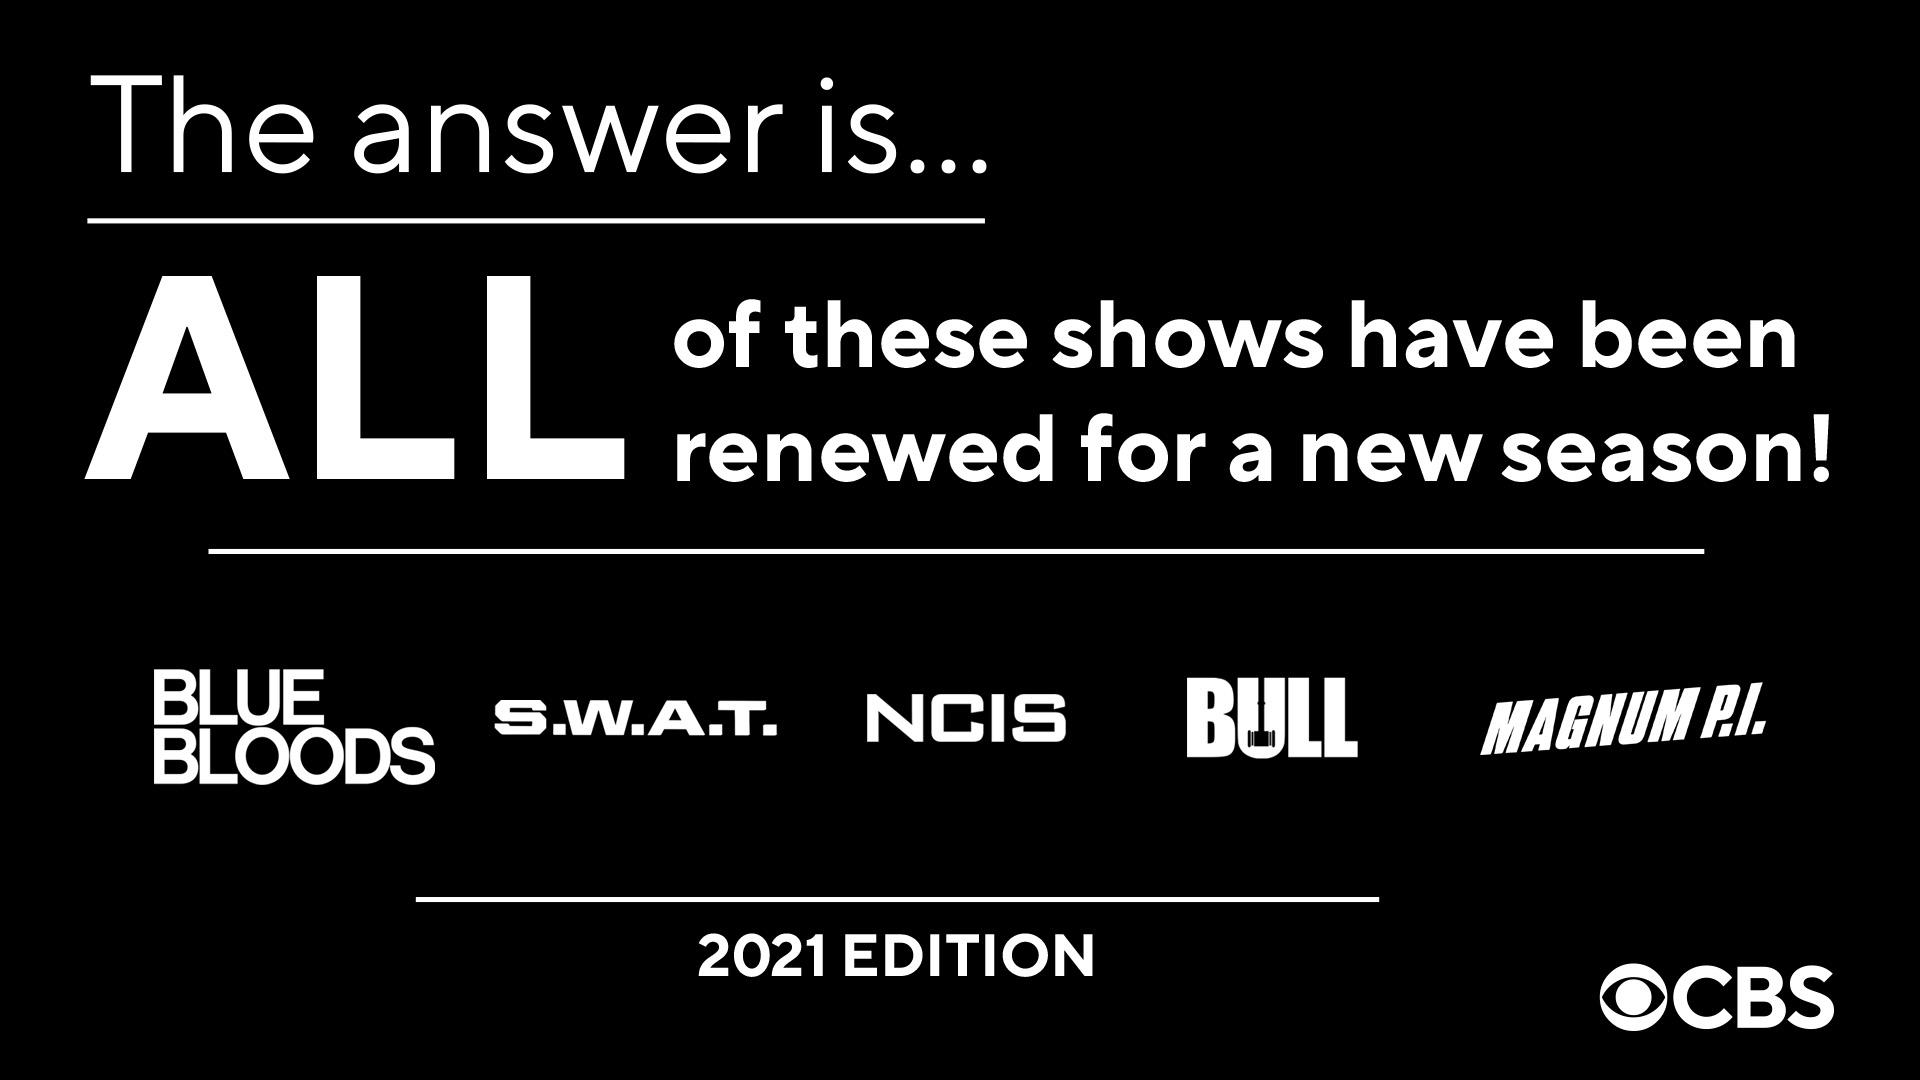 NCIS, Bull, S.W.A.T., Blue Bloods et Magnum P.I. renouvelées sur CBS